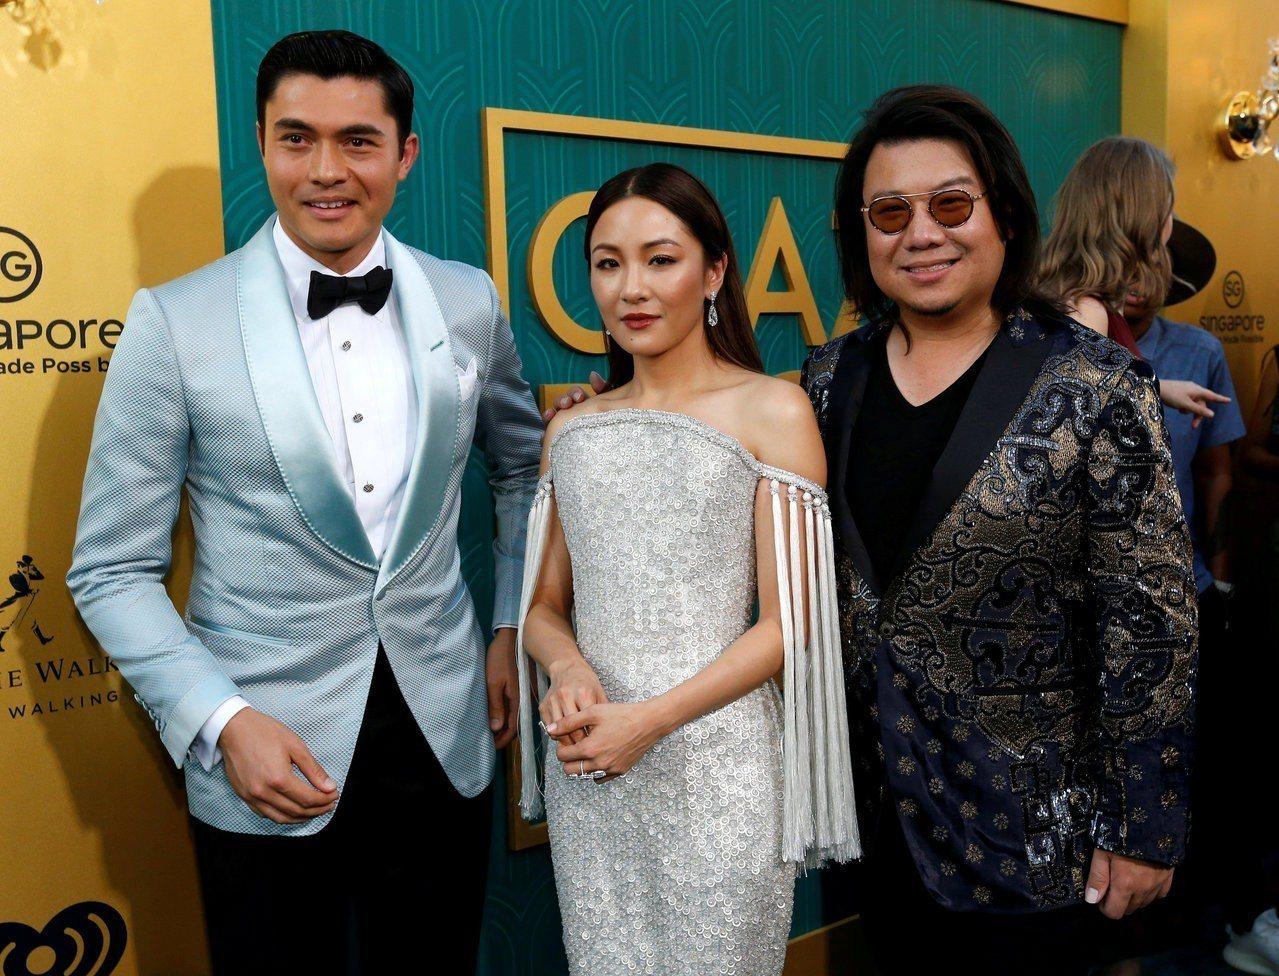 關凱文(右)7日在加州洛杉磯出席《瘋狂亞洲富豪》電影首映會,並與男女主角合影。路...